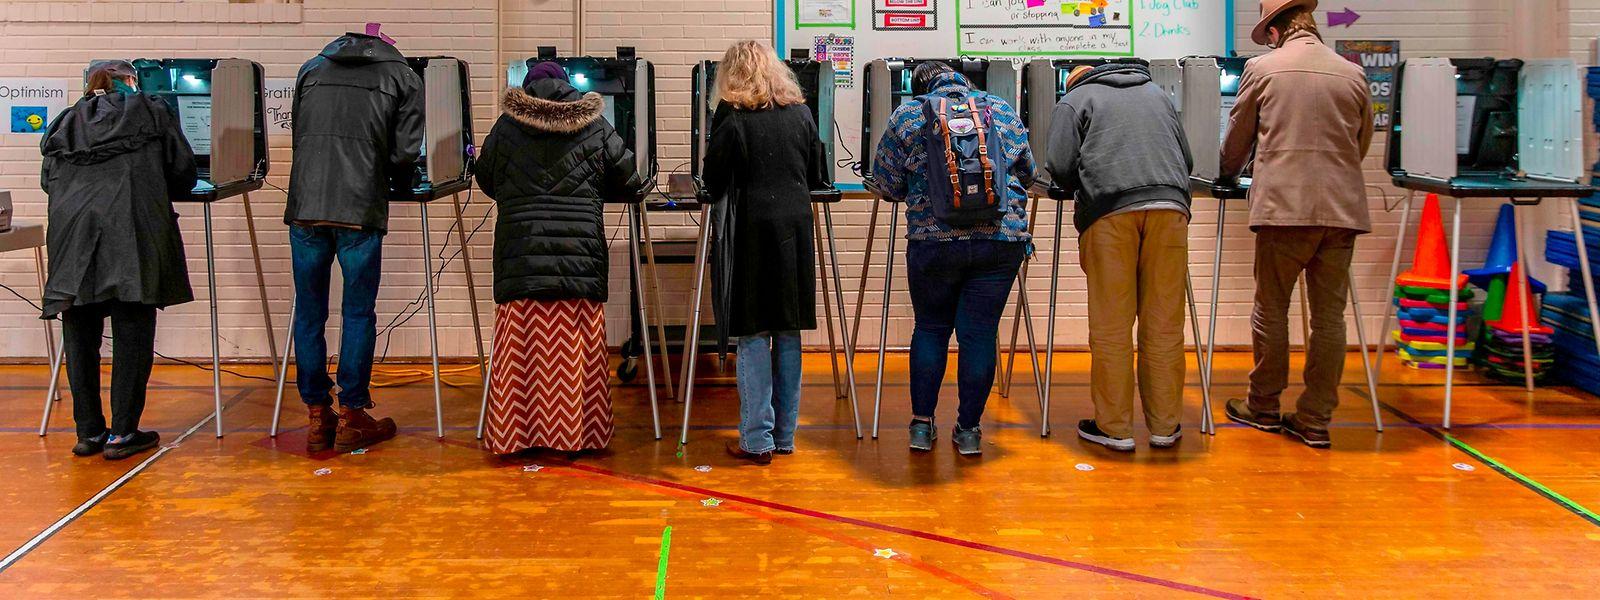 Die Wahllokale sind geöffnet: Hier geben Wähler in Minneapolis ihre Stimme ab.